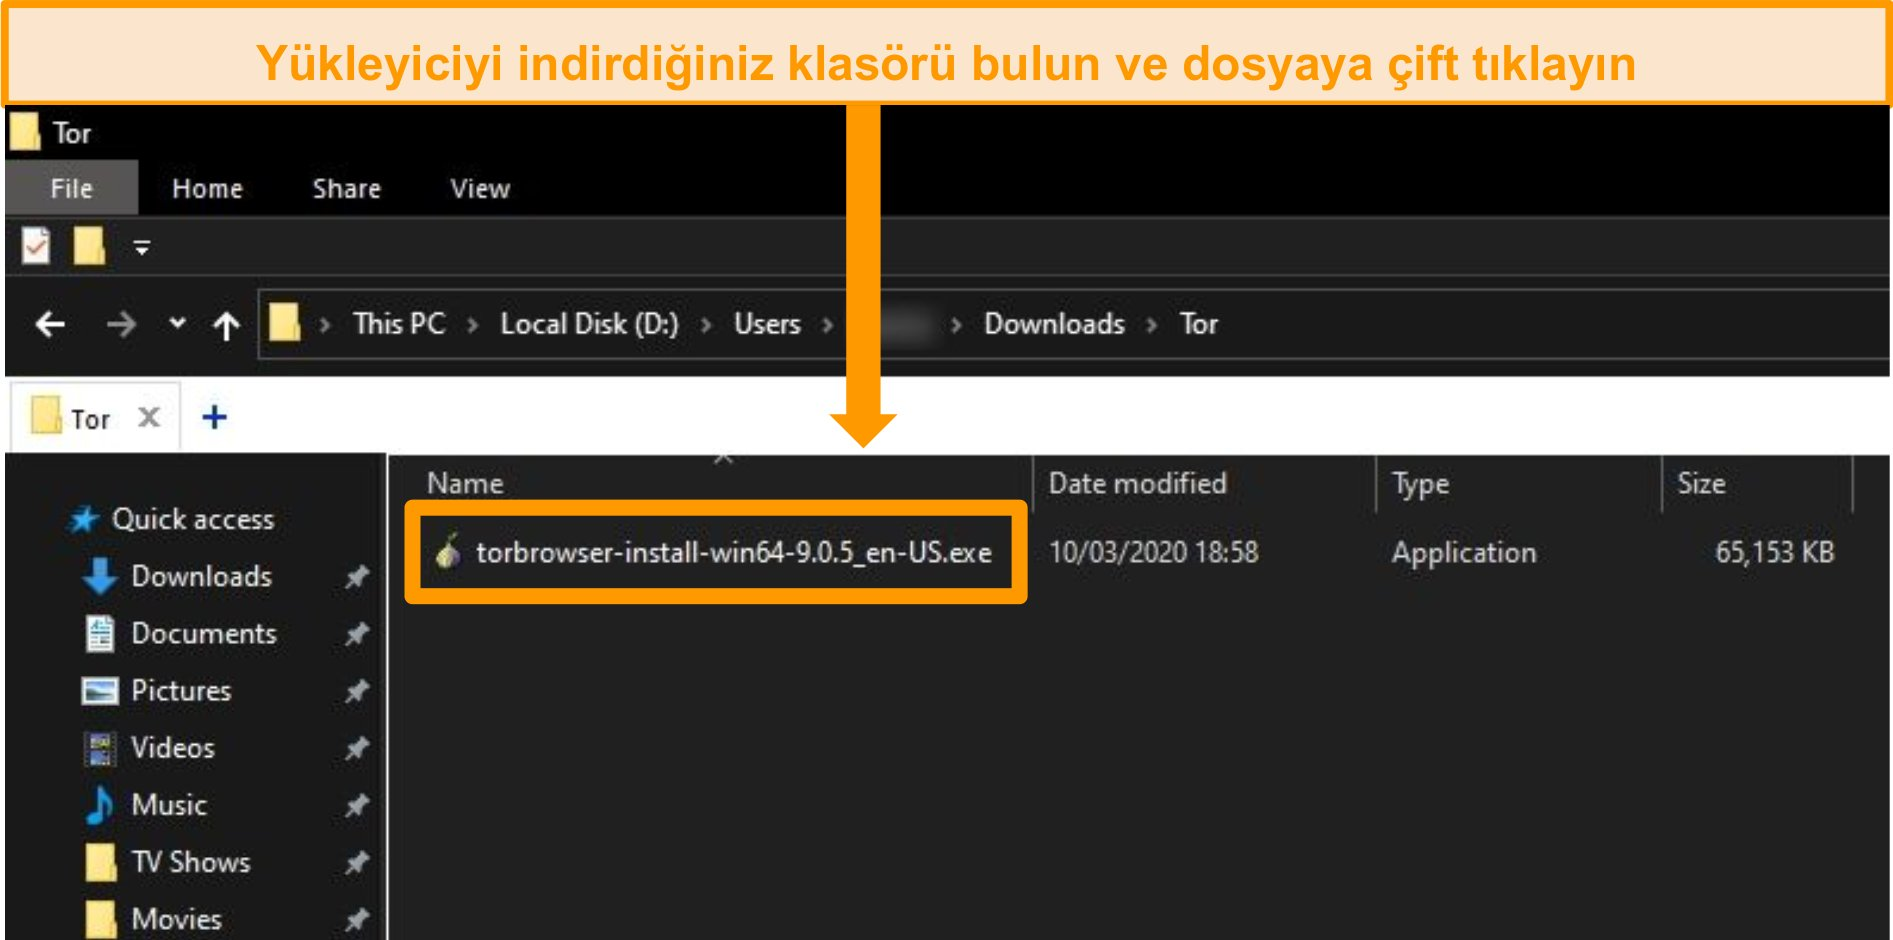 Windows 10'daki indirme klasöründe Tor yükleyicisinin ekran görüntüsü